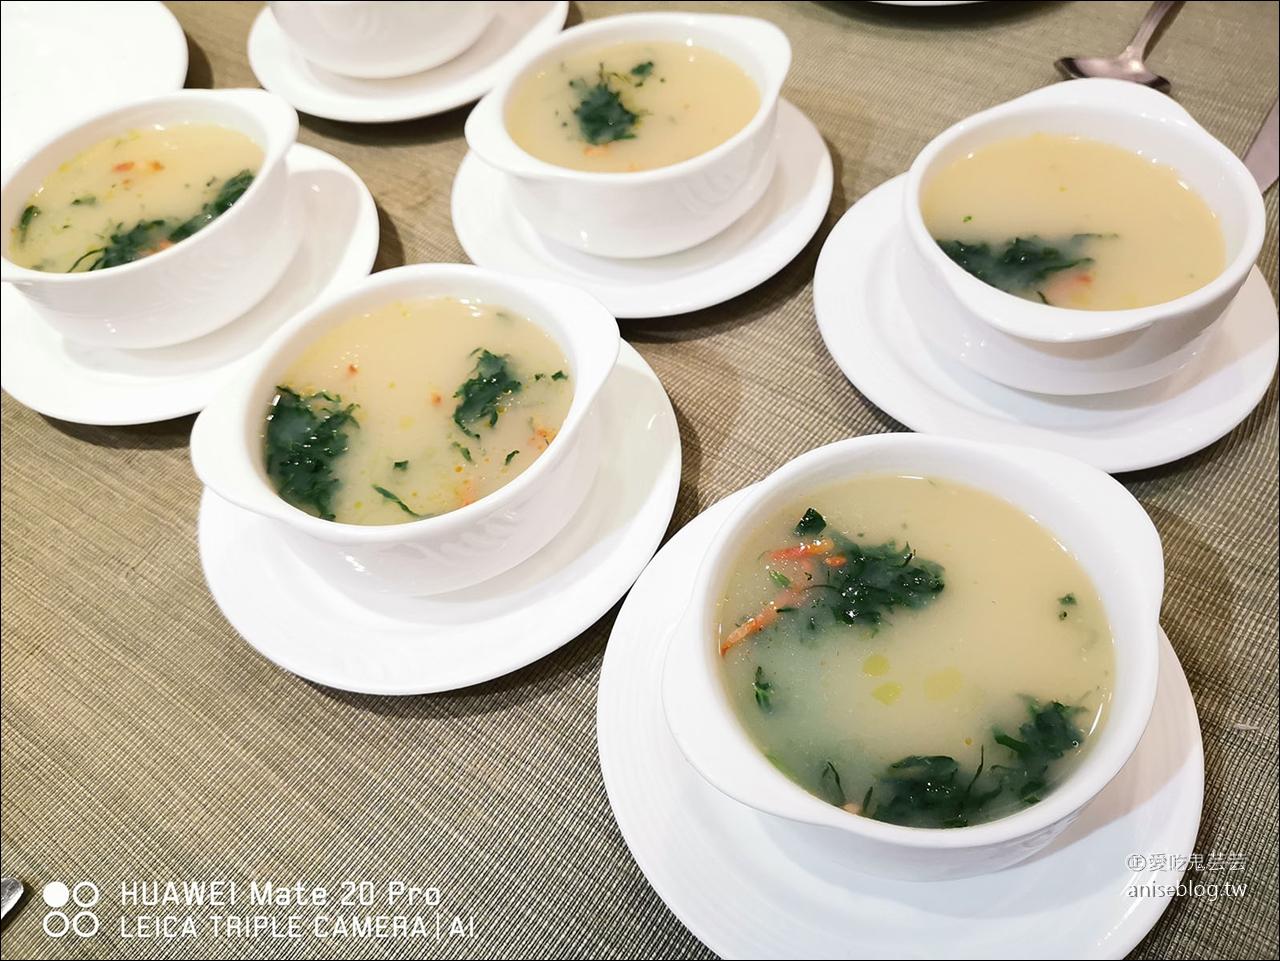 海灣餐廳,澳門知名葡國料理,澳門也可以吃到道地葡國菜!